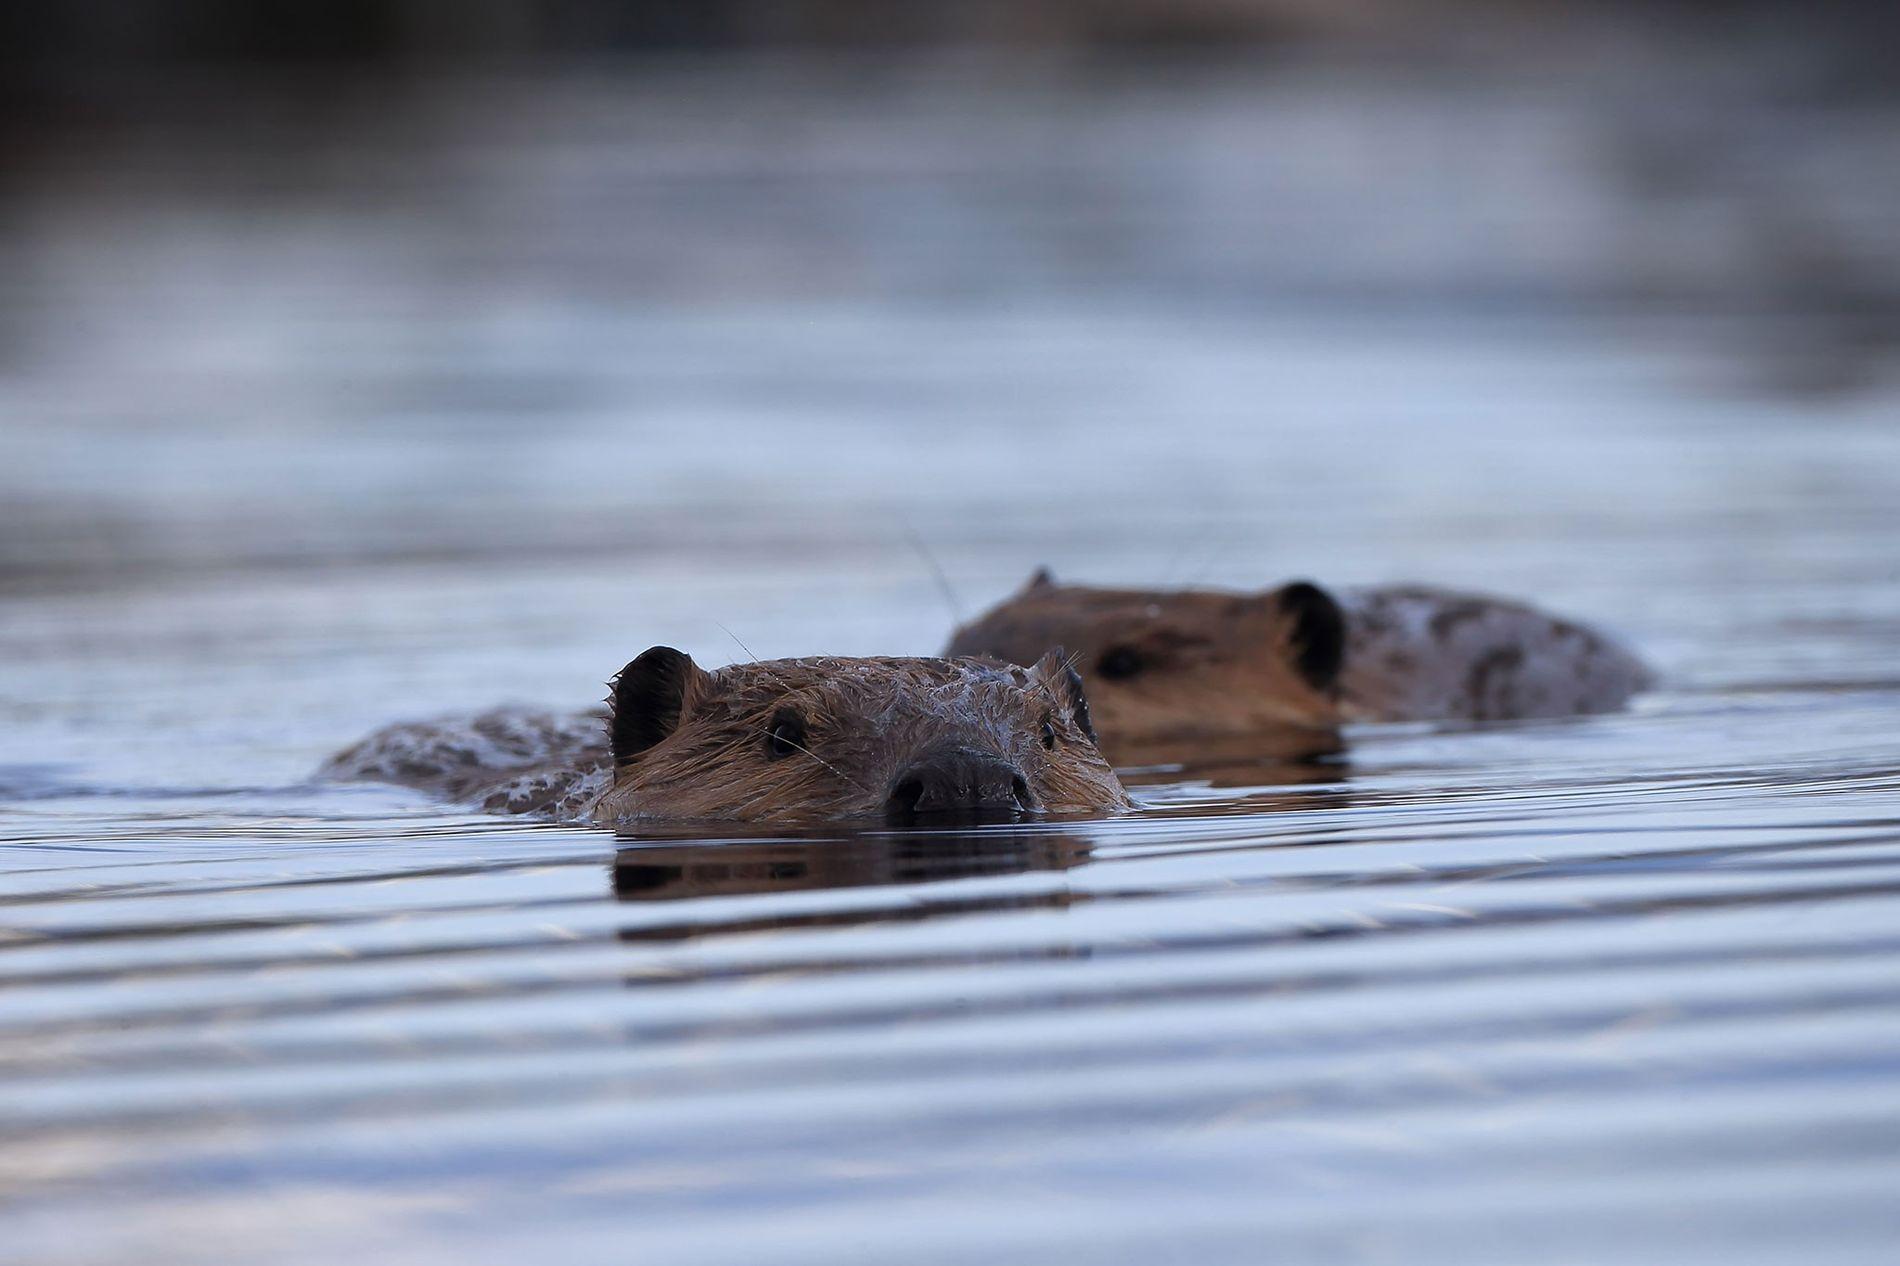 Les couple des castors américains, Castor canadensis, s'unissent pour la vie.